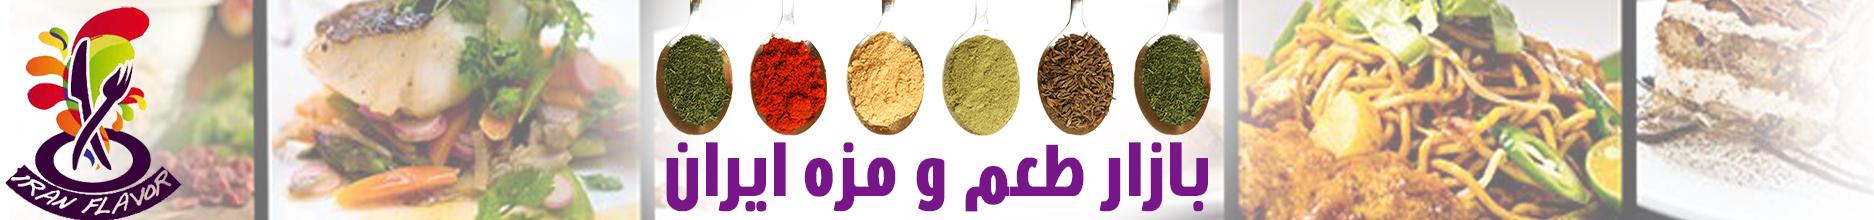 بازار طعم و مزه ایران